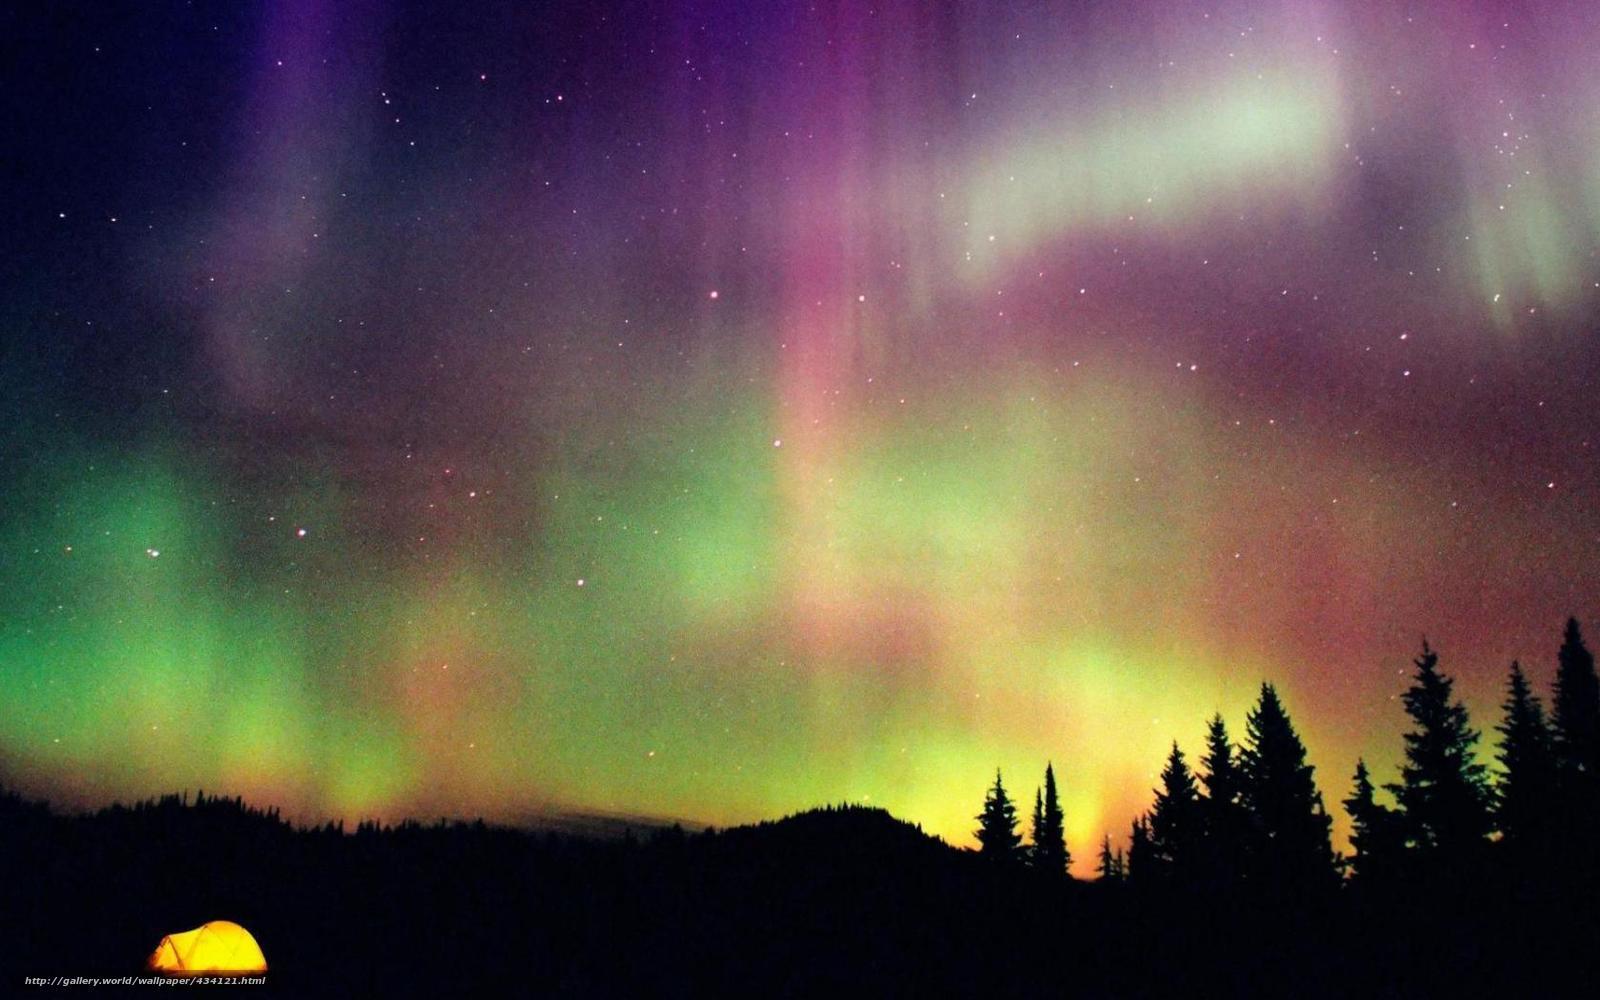 Скачать на телефон обои фото картинку на тему лес, небо, северное сияние, разширение 1680x1050